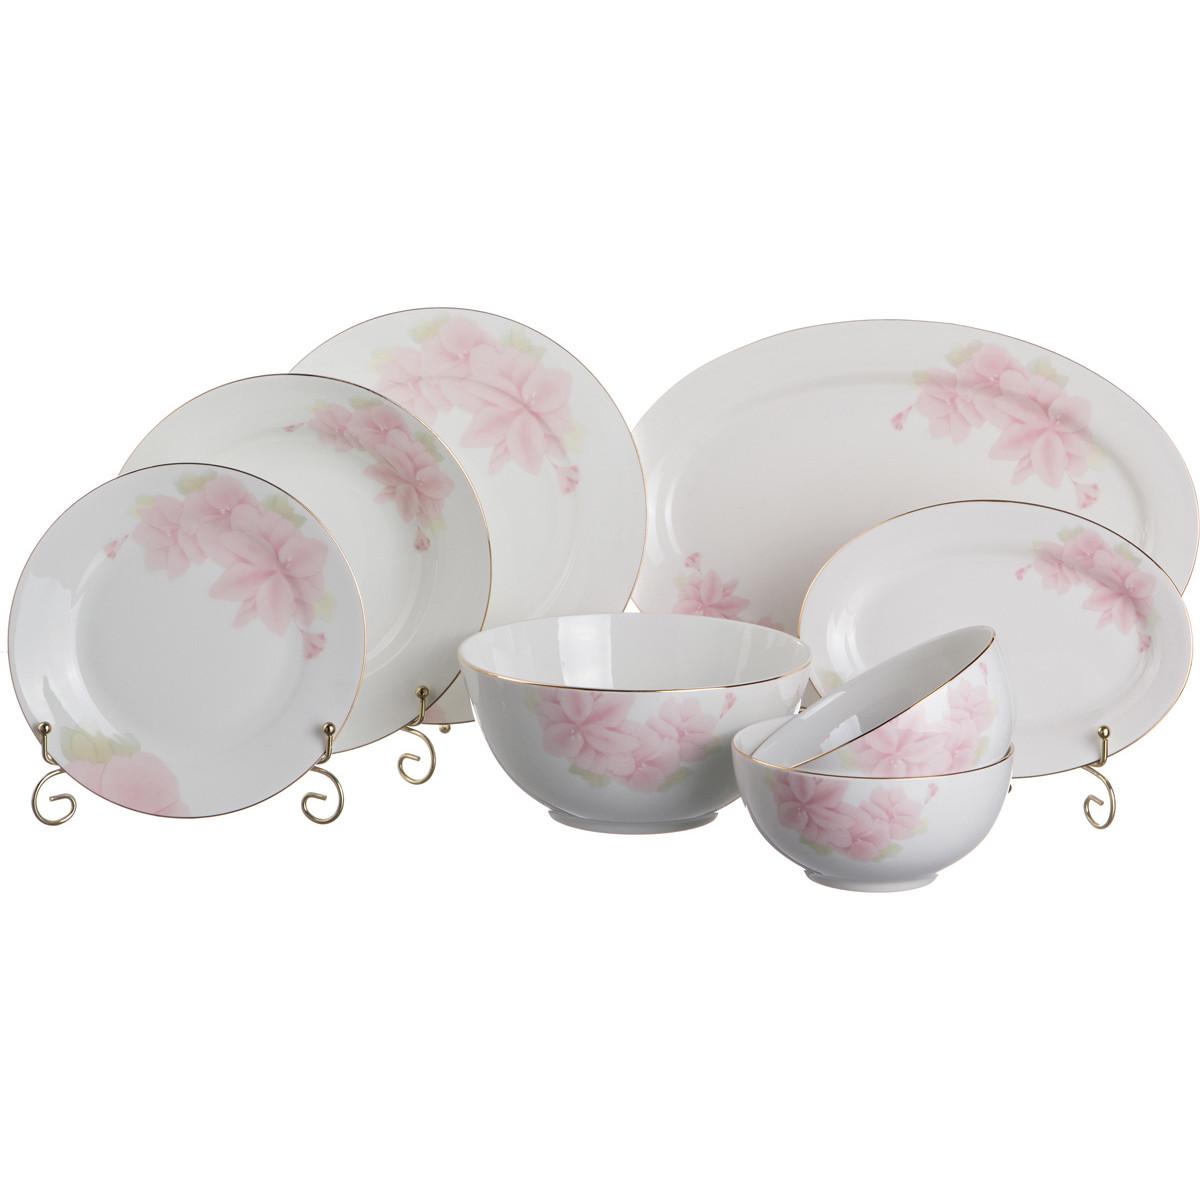 {} Japan Sakura Столовый сервиз Нежность (Набор) салатник набор 6шт 600 мл ens салатник набор 6шт 600 мл